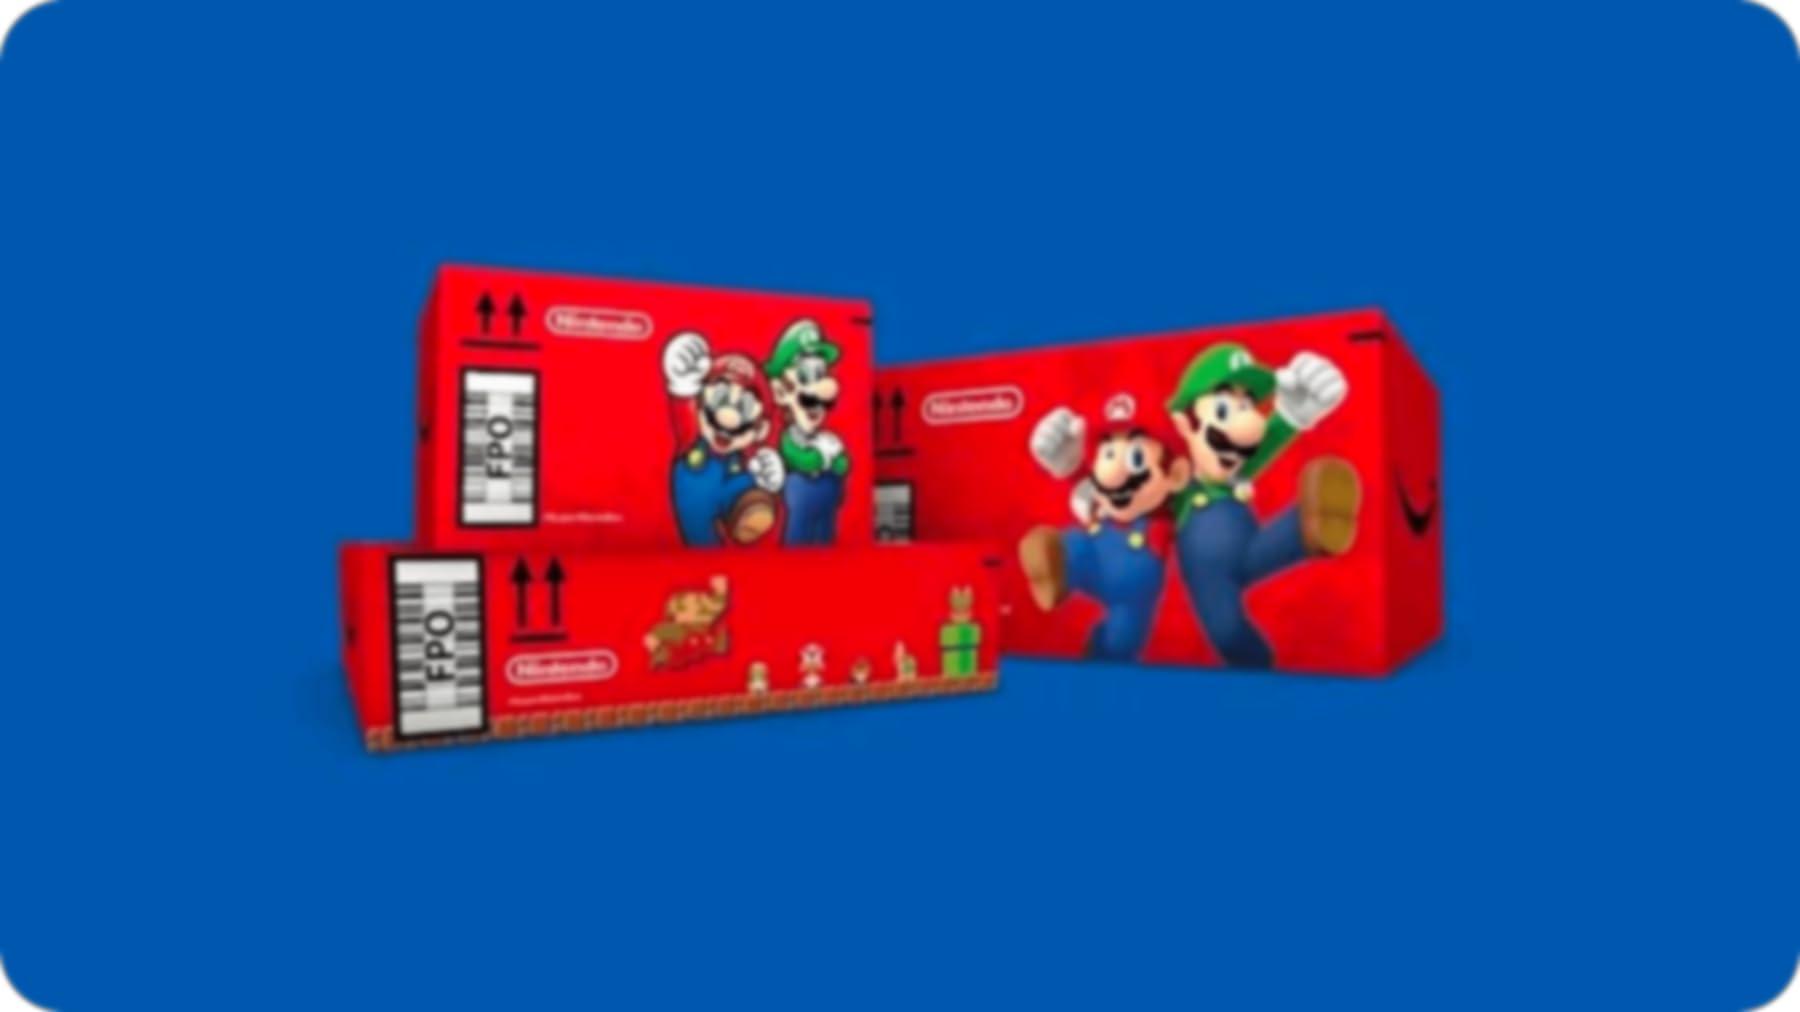 Nintendo mario game ad on an amazon shipping box